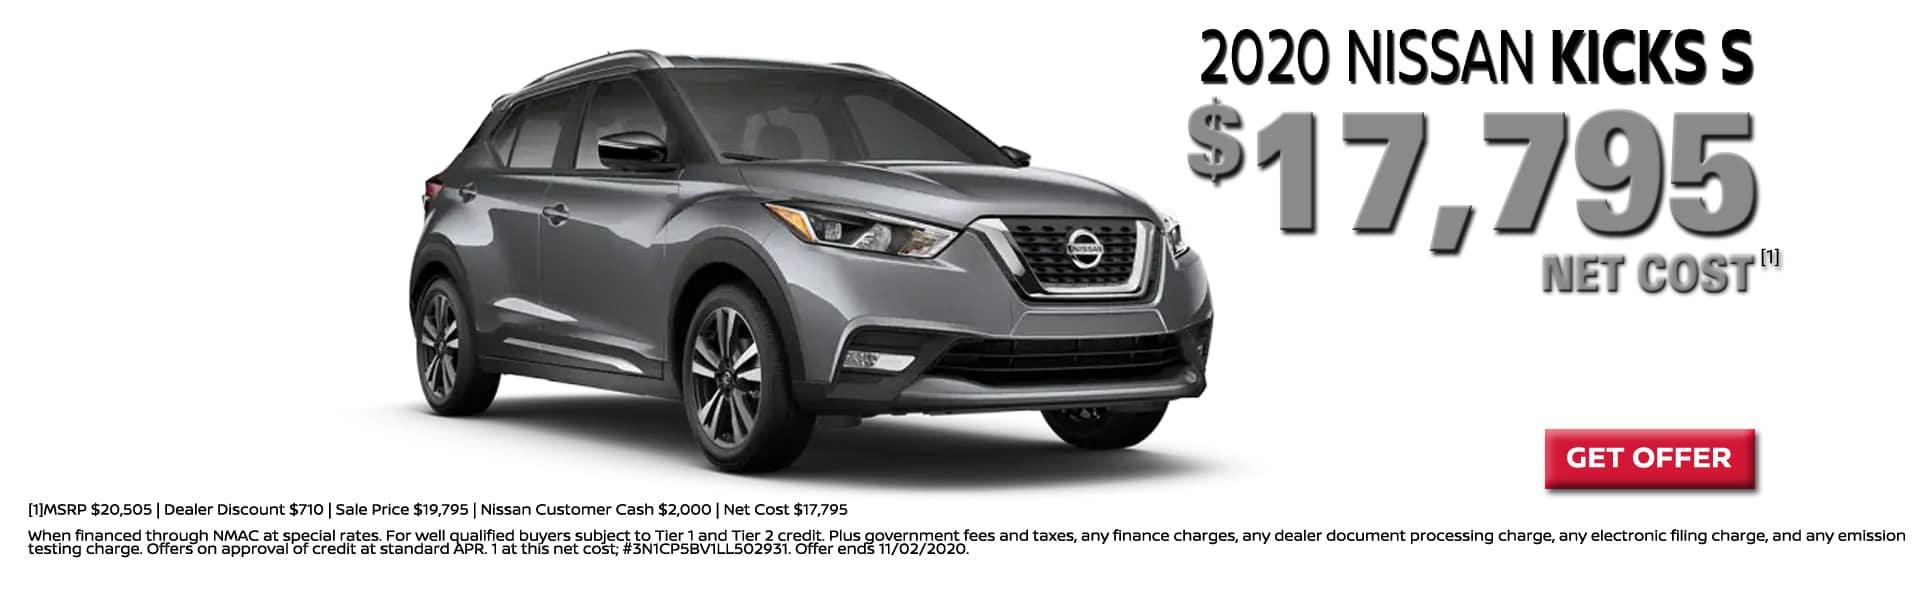 DealerInspire_2020-Nissan_Kicks_2_Oct20